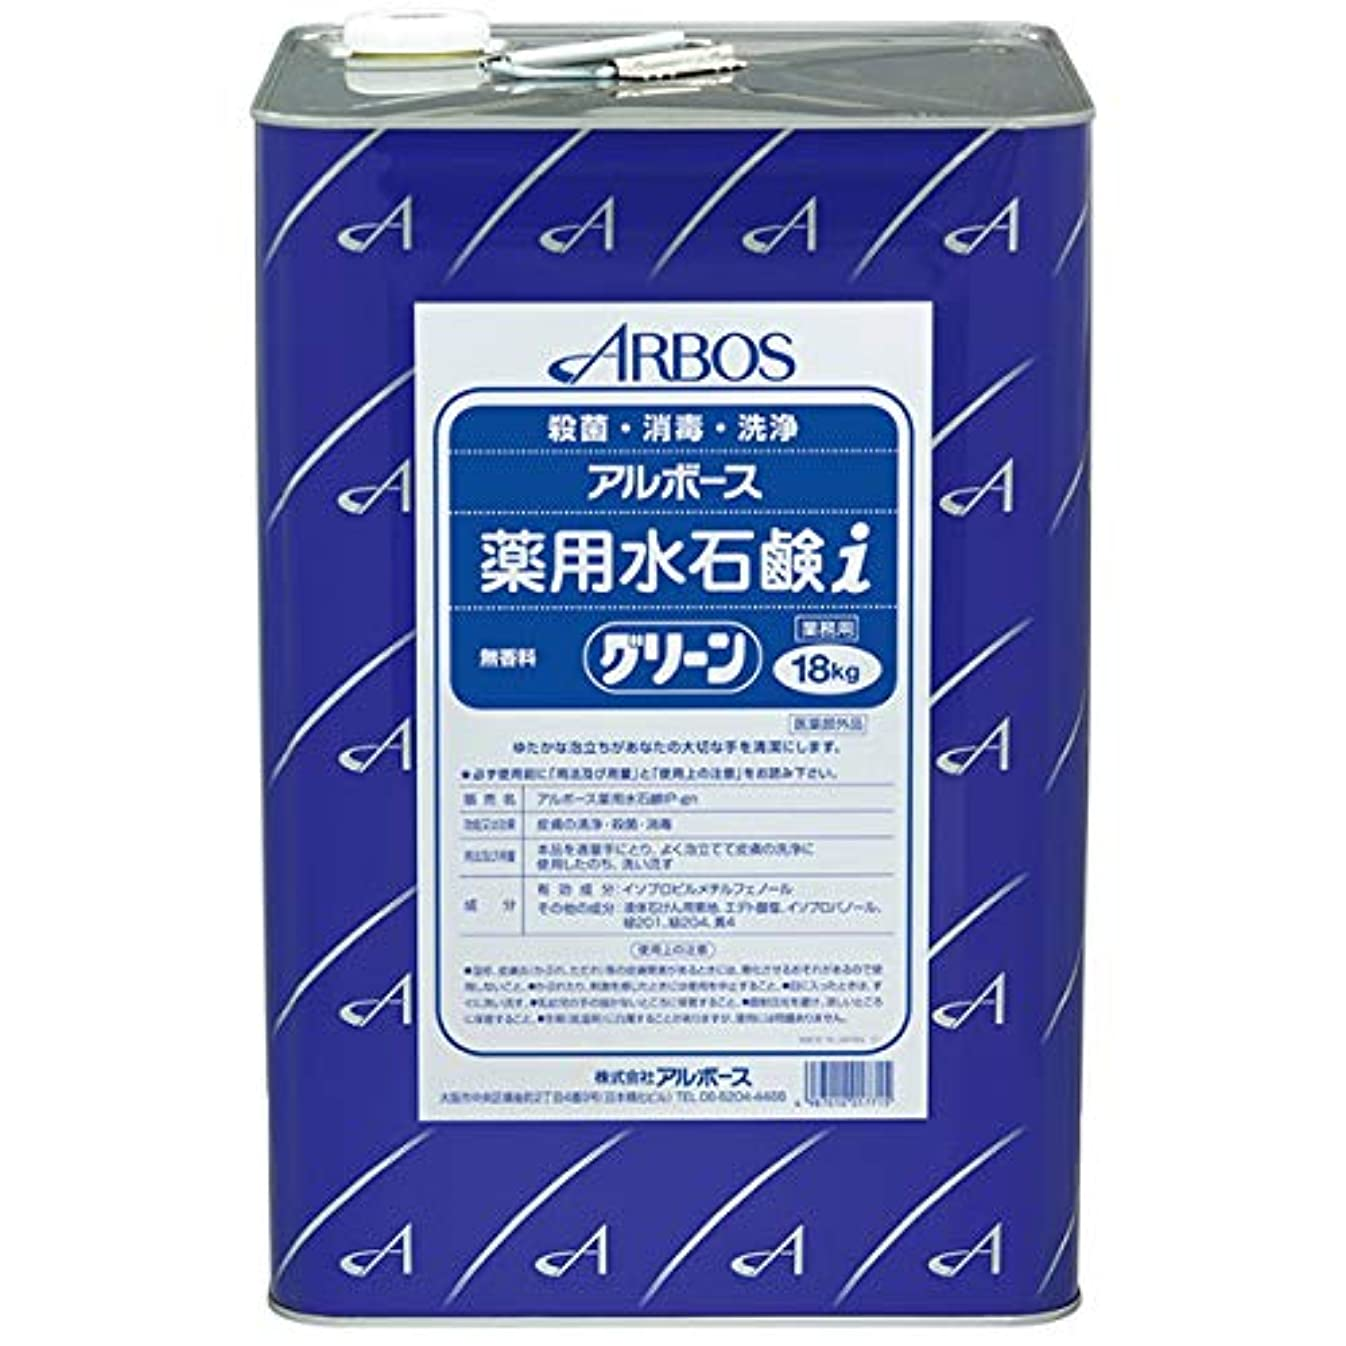 発行貧困ぎこちない【清潔キレイ館】アルボース薬用水石鹸グリーンi(18L)